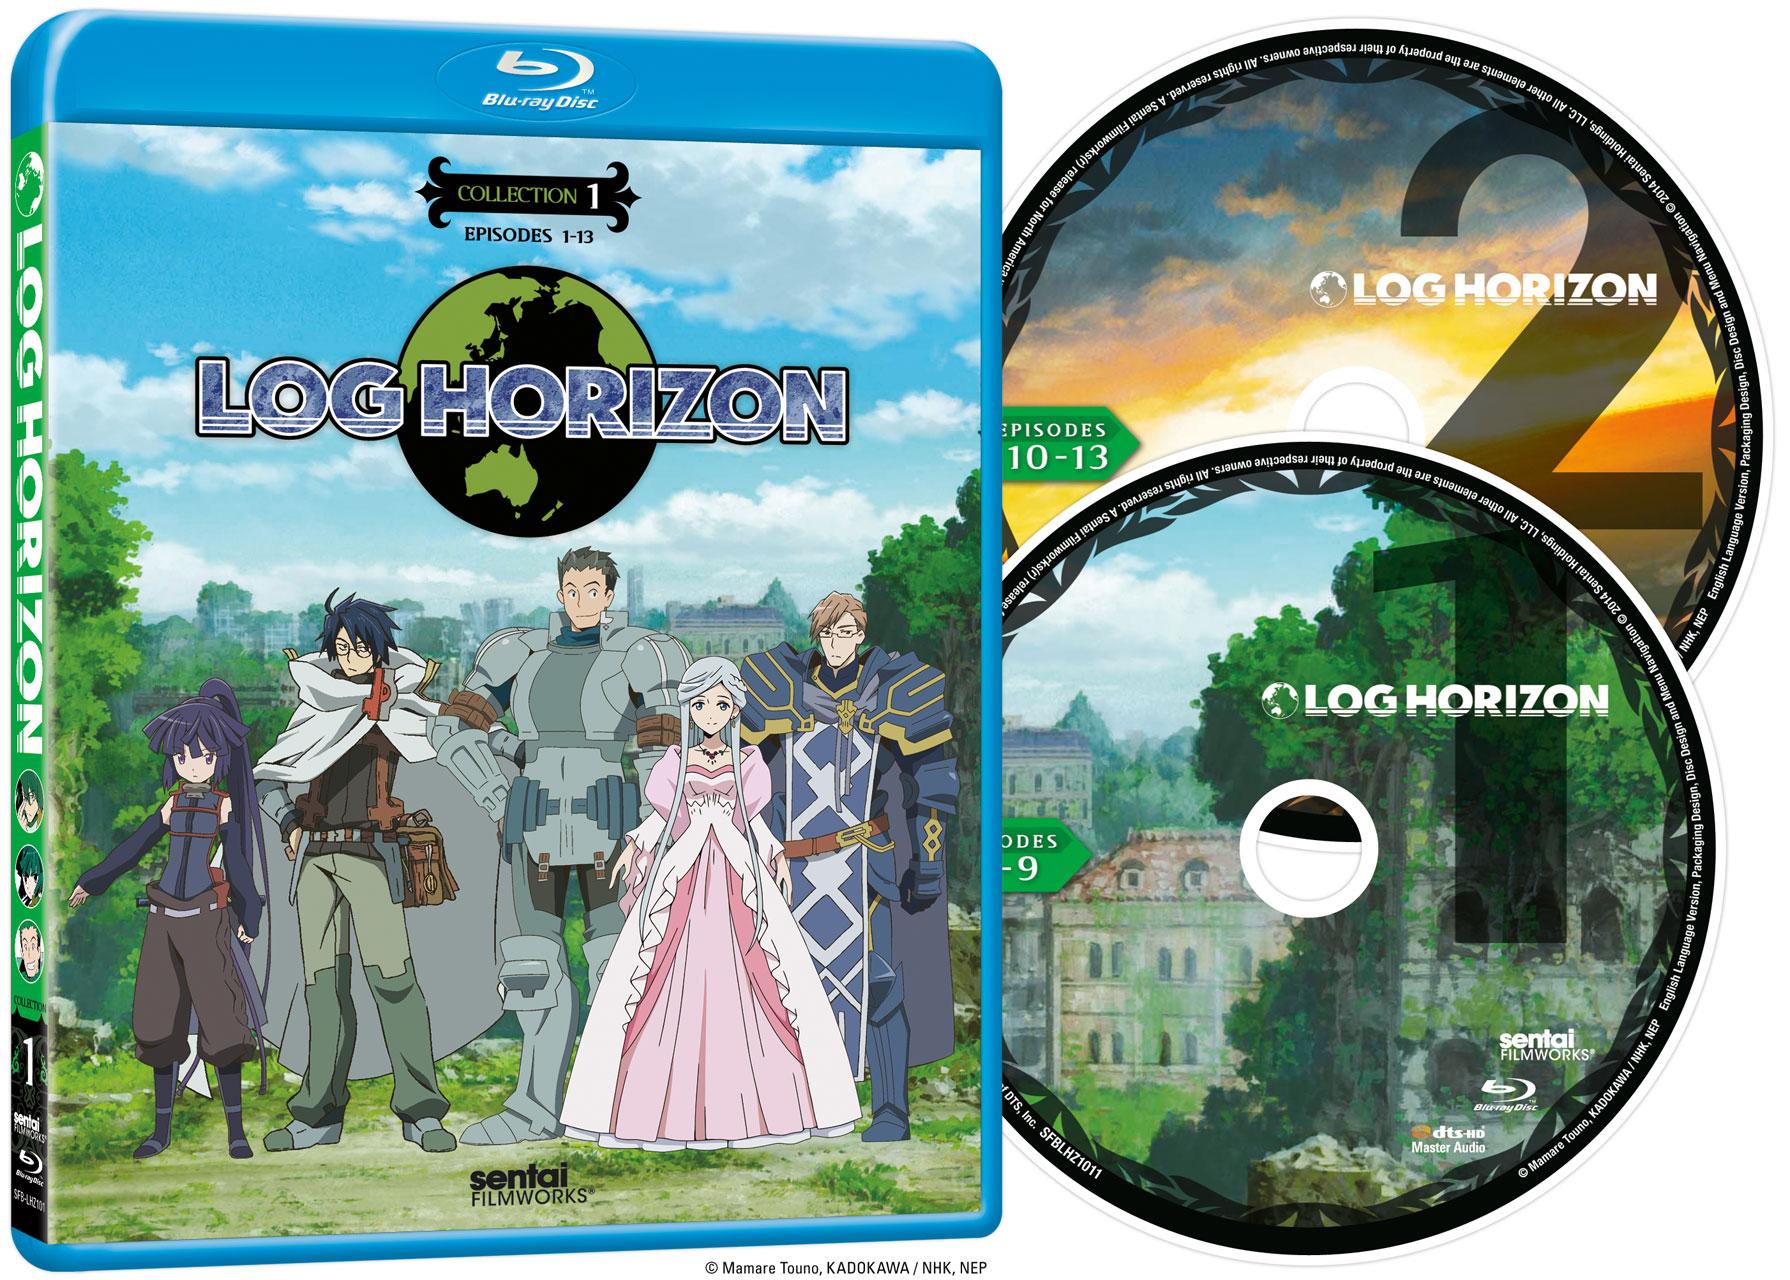 Log Horizon Collection 1 Blu-ray